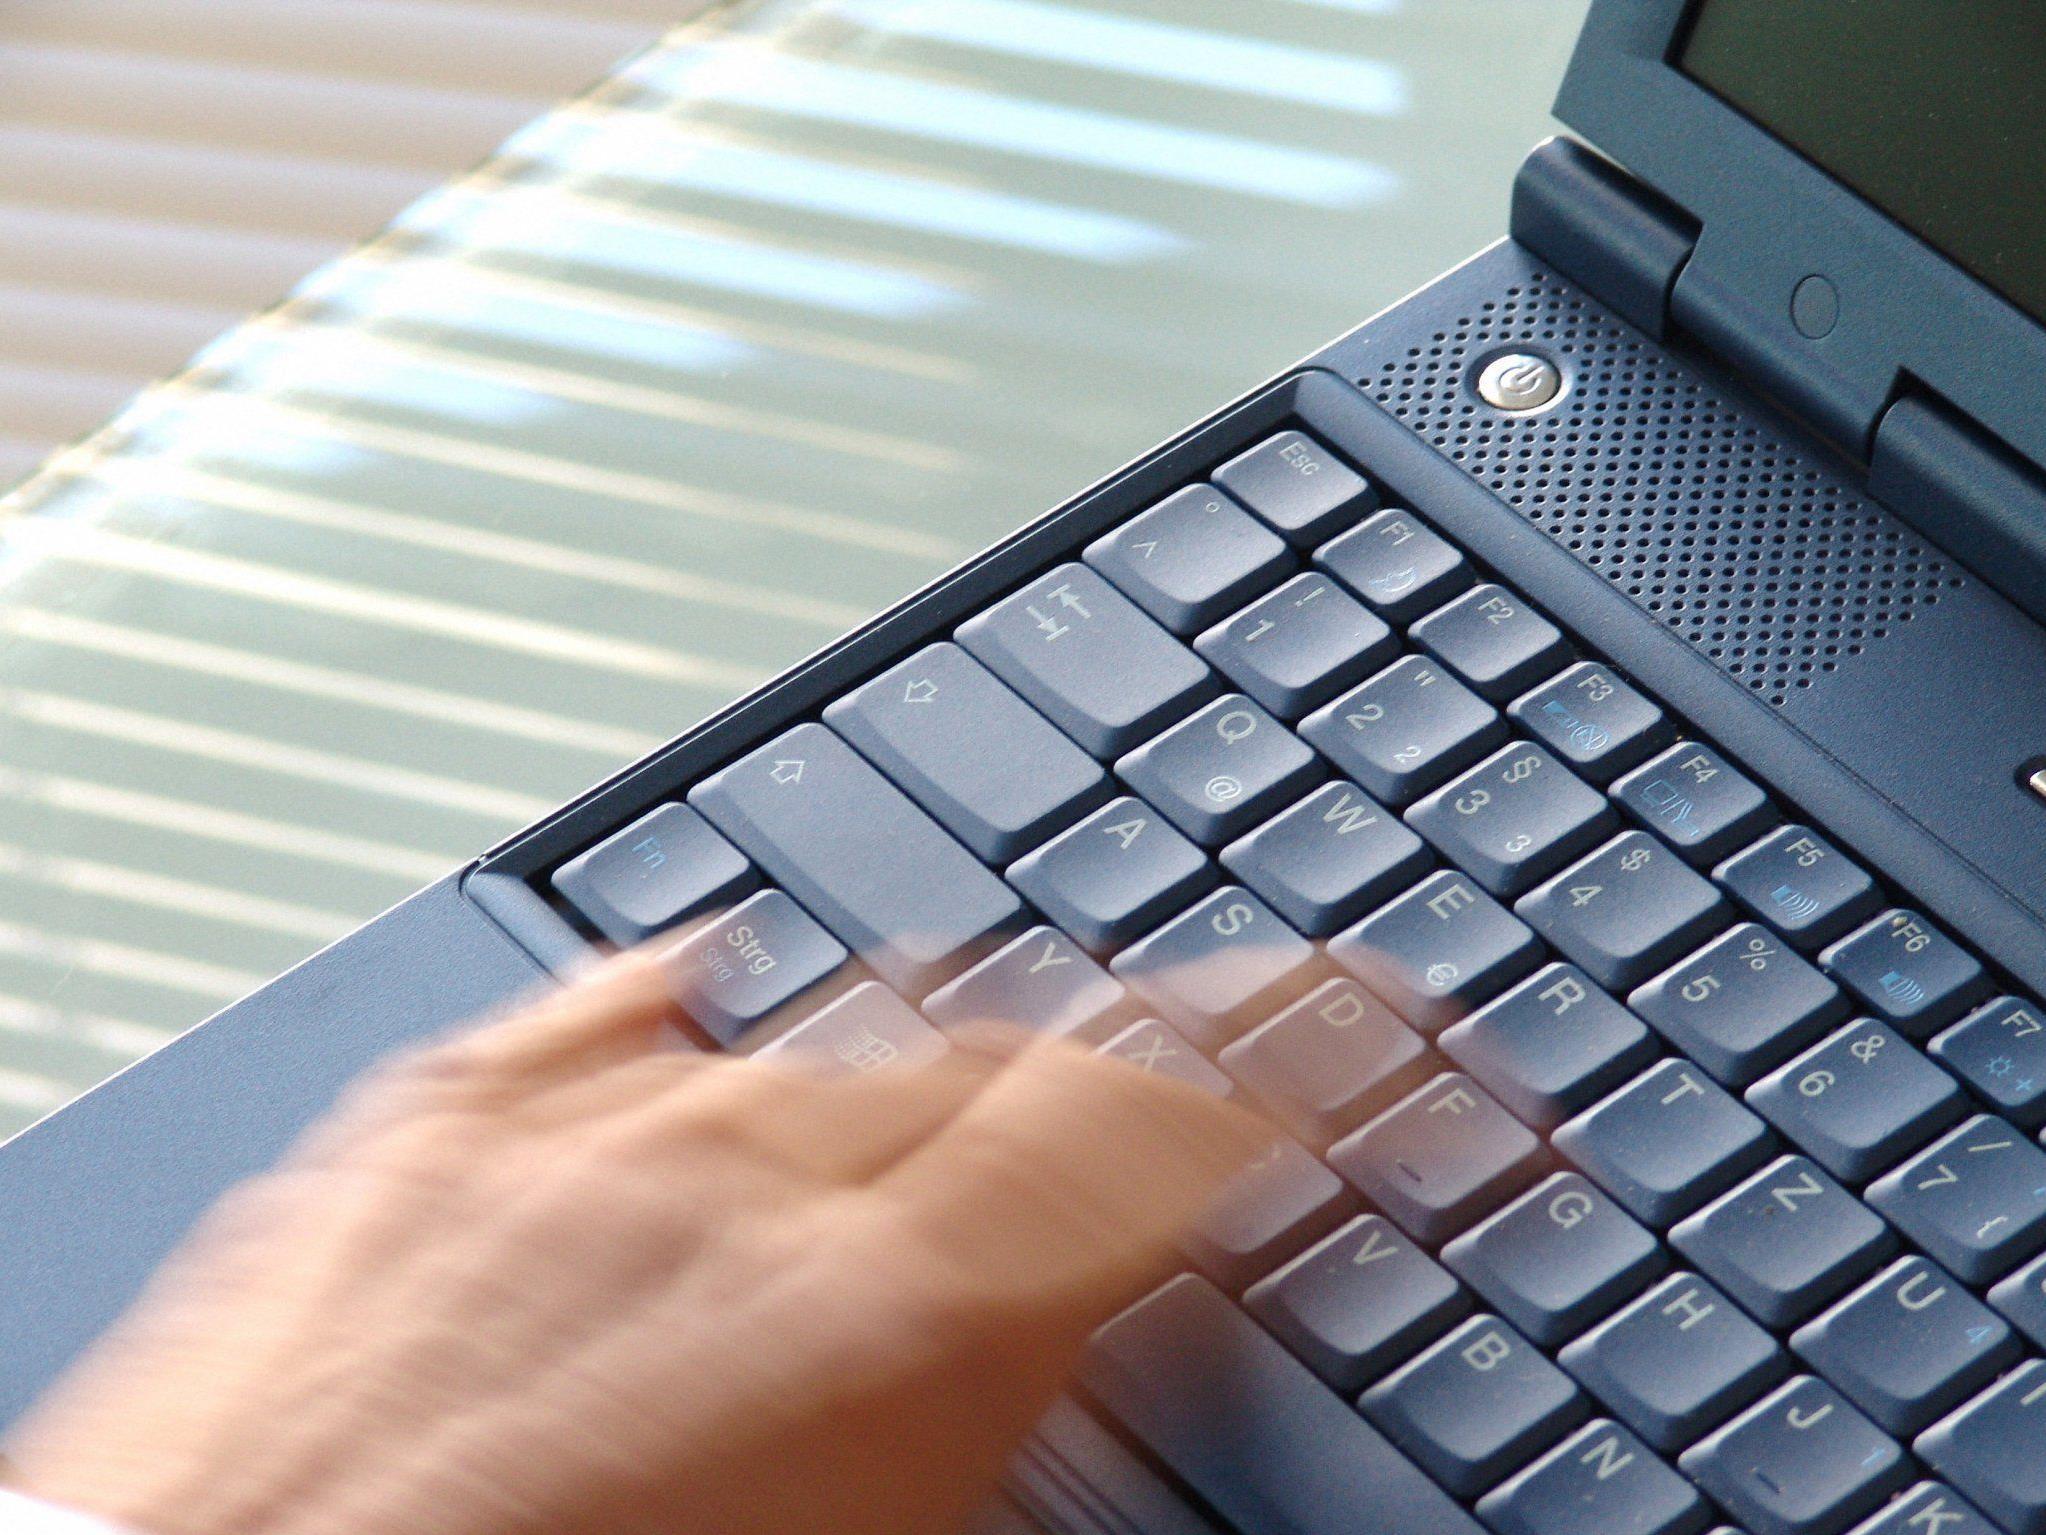 Tricksereien mit Online-Bestellungen flogen auf